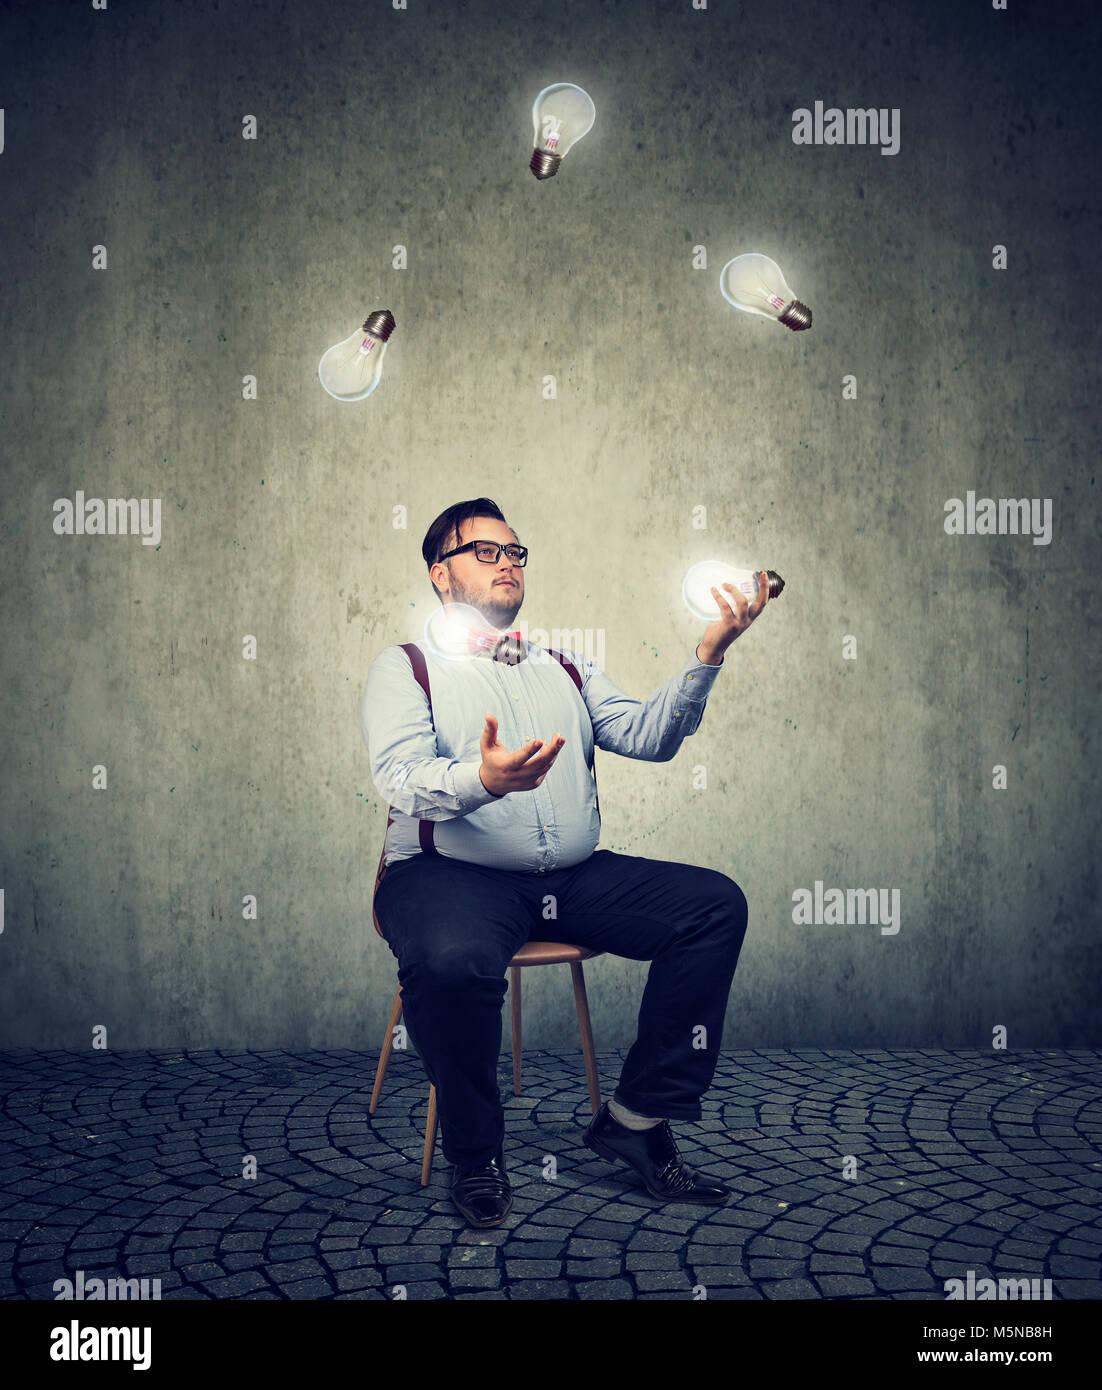 Junge mollige Mann sitzt auf einem Stuhl und Jonglieren mit Glühlampen, Genius. Stockbild